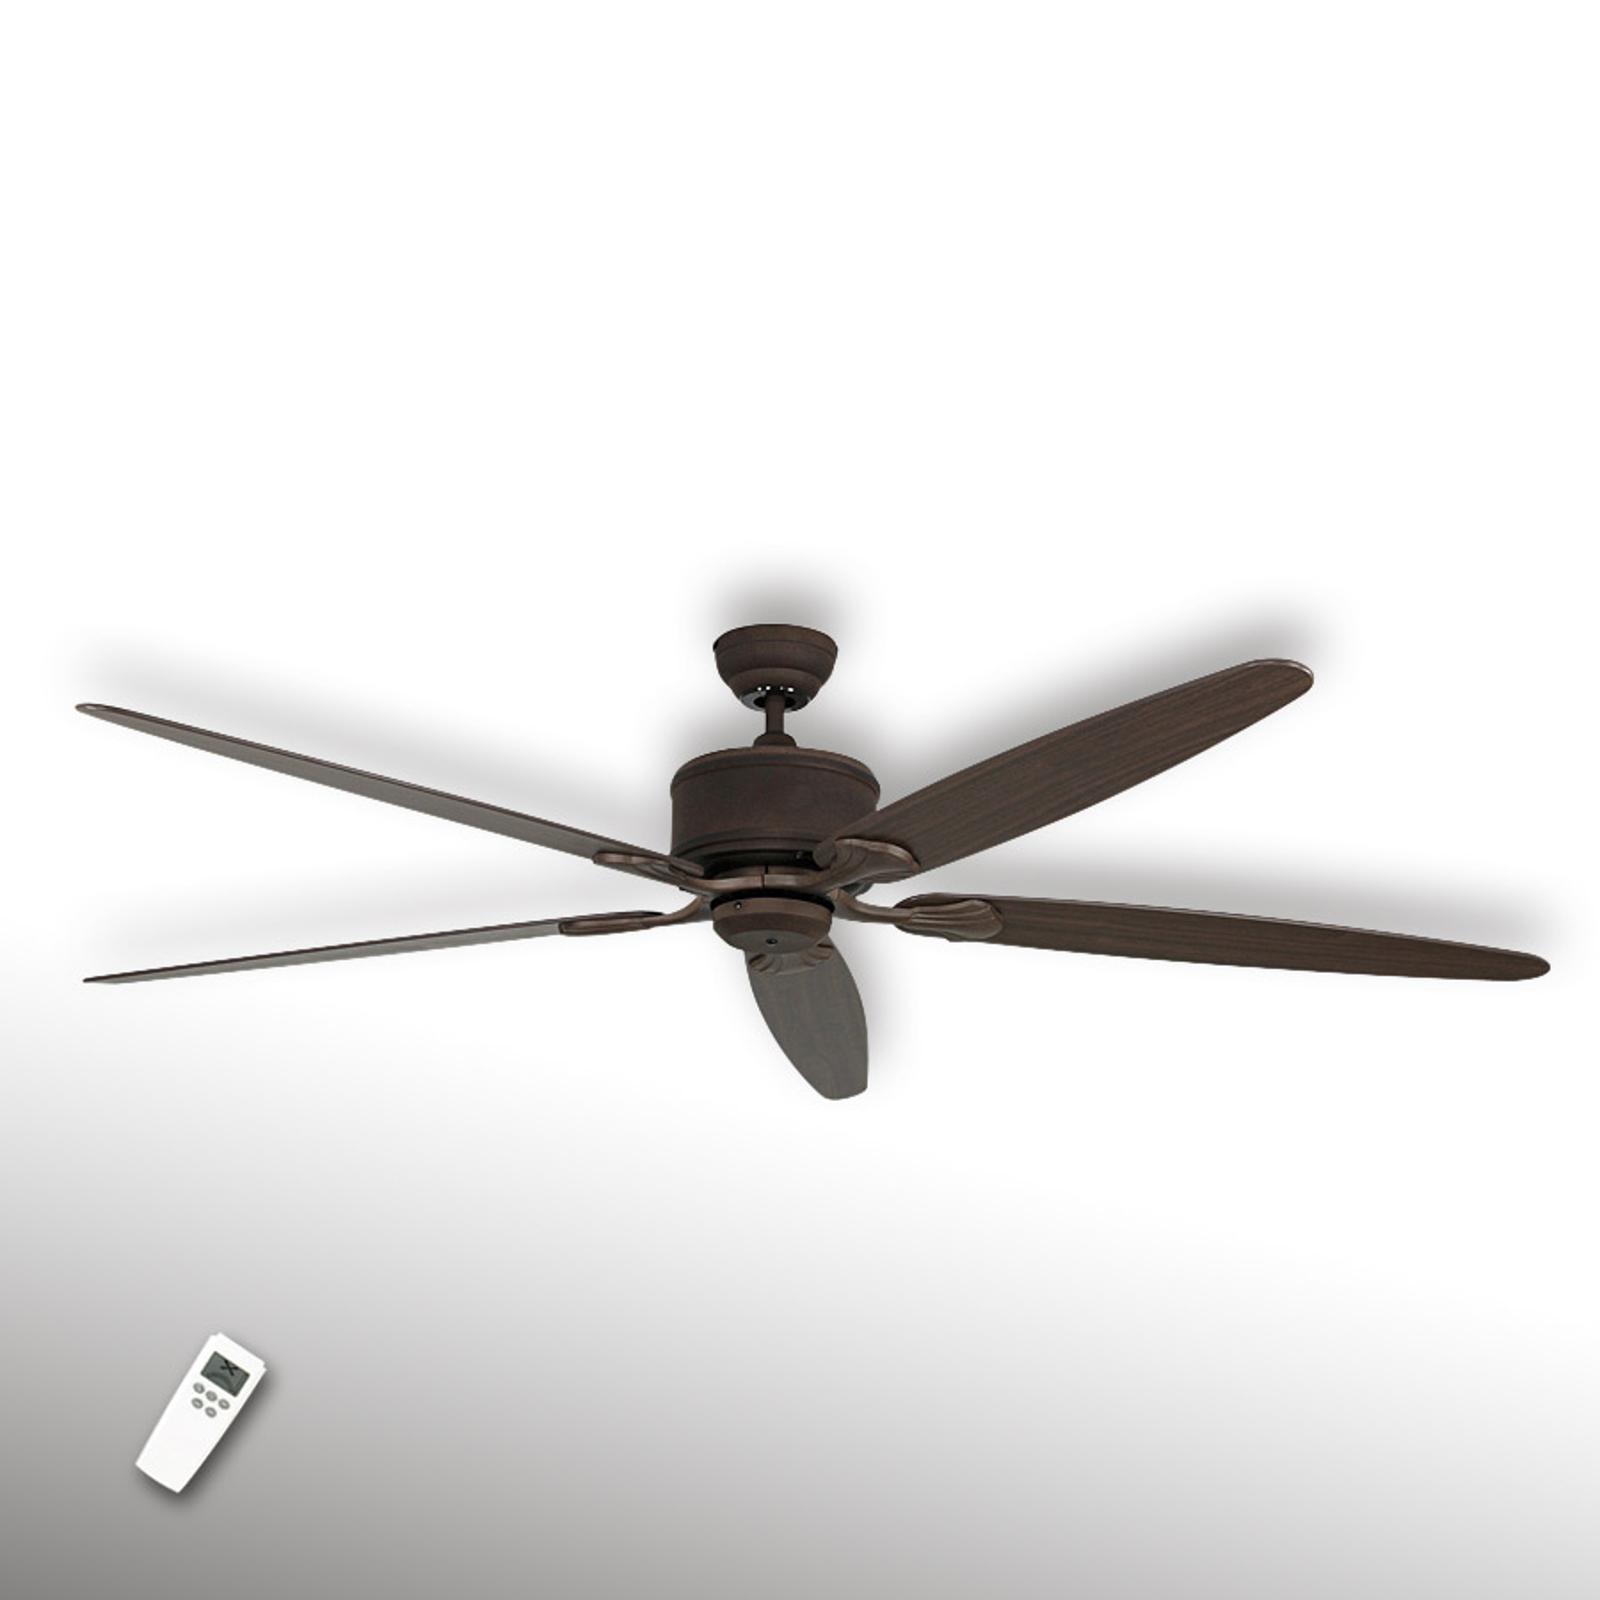 Ventilátor s pěti lopatkami Eco Elements, hnědá